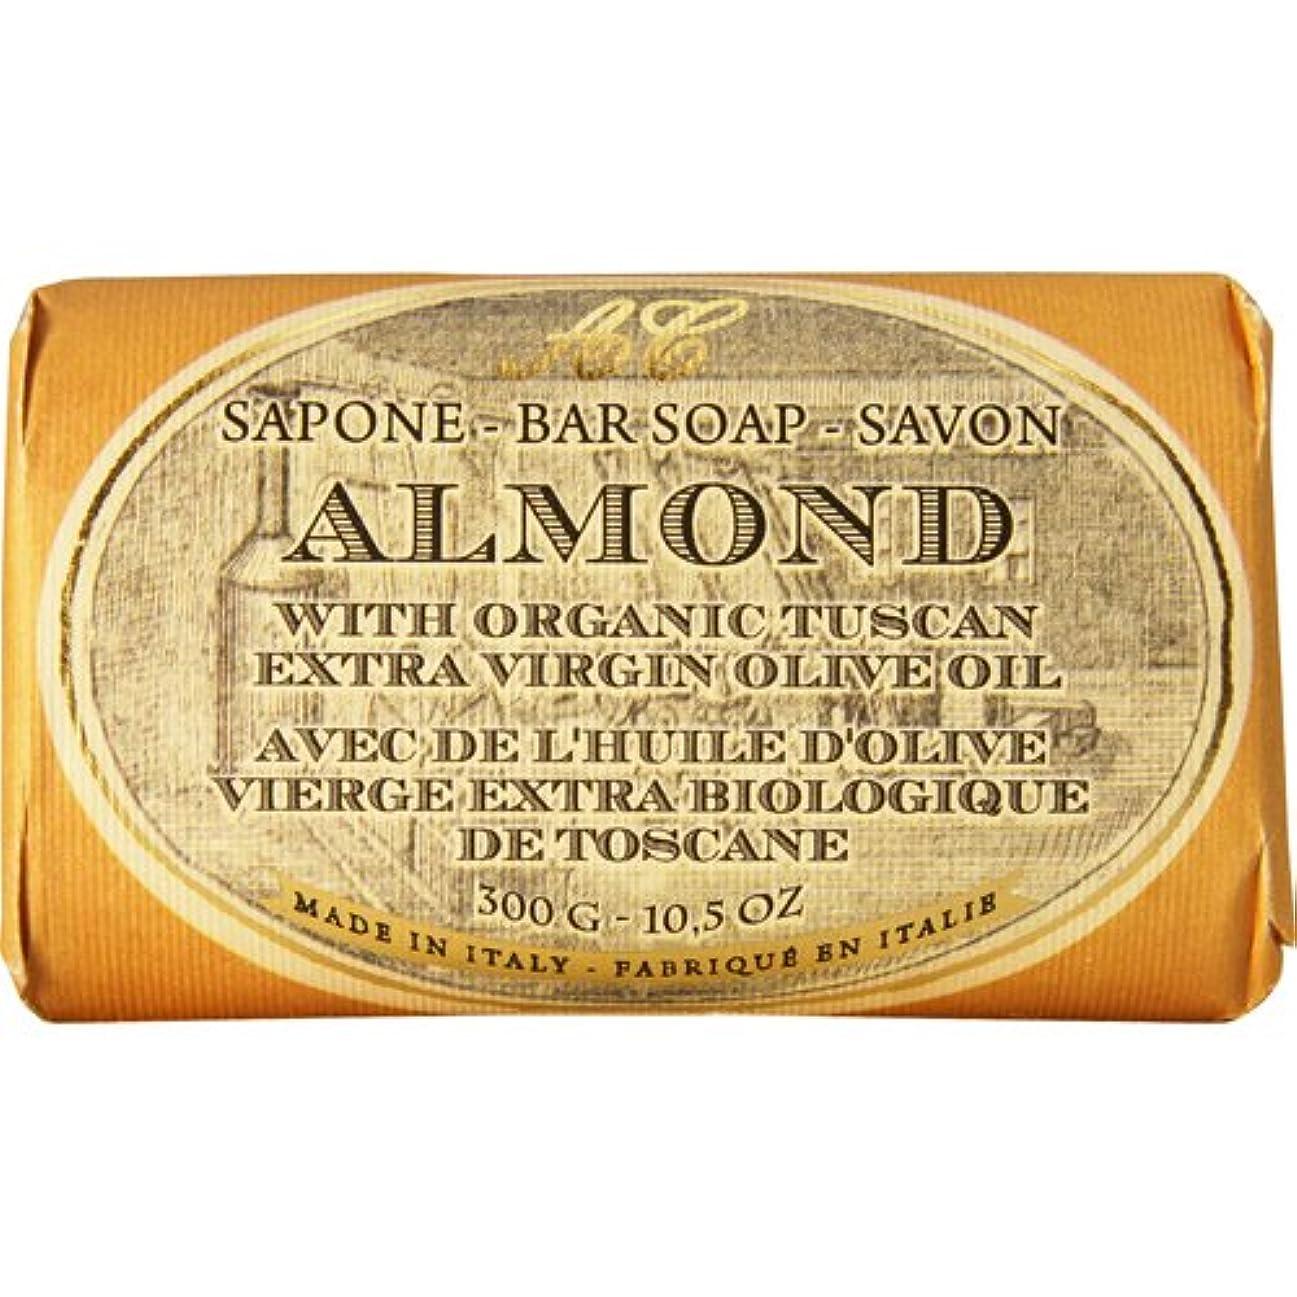 問い合わせ人気すぐにSaponerire Fissi レトロシリーズ Bar Soap バーソープ 300g Almond アーモンドオイル